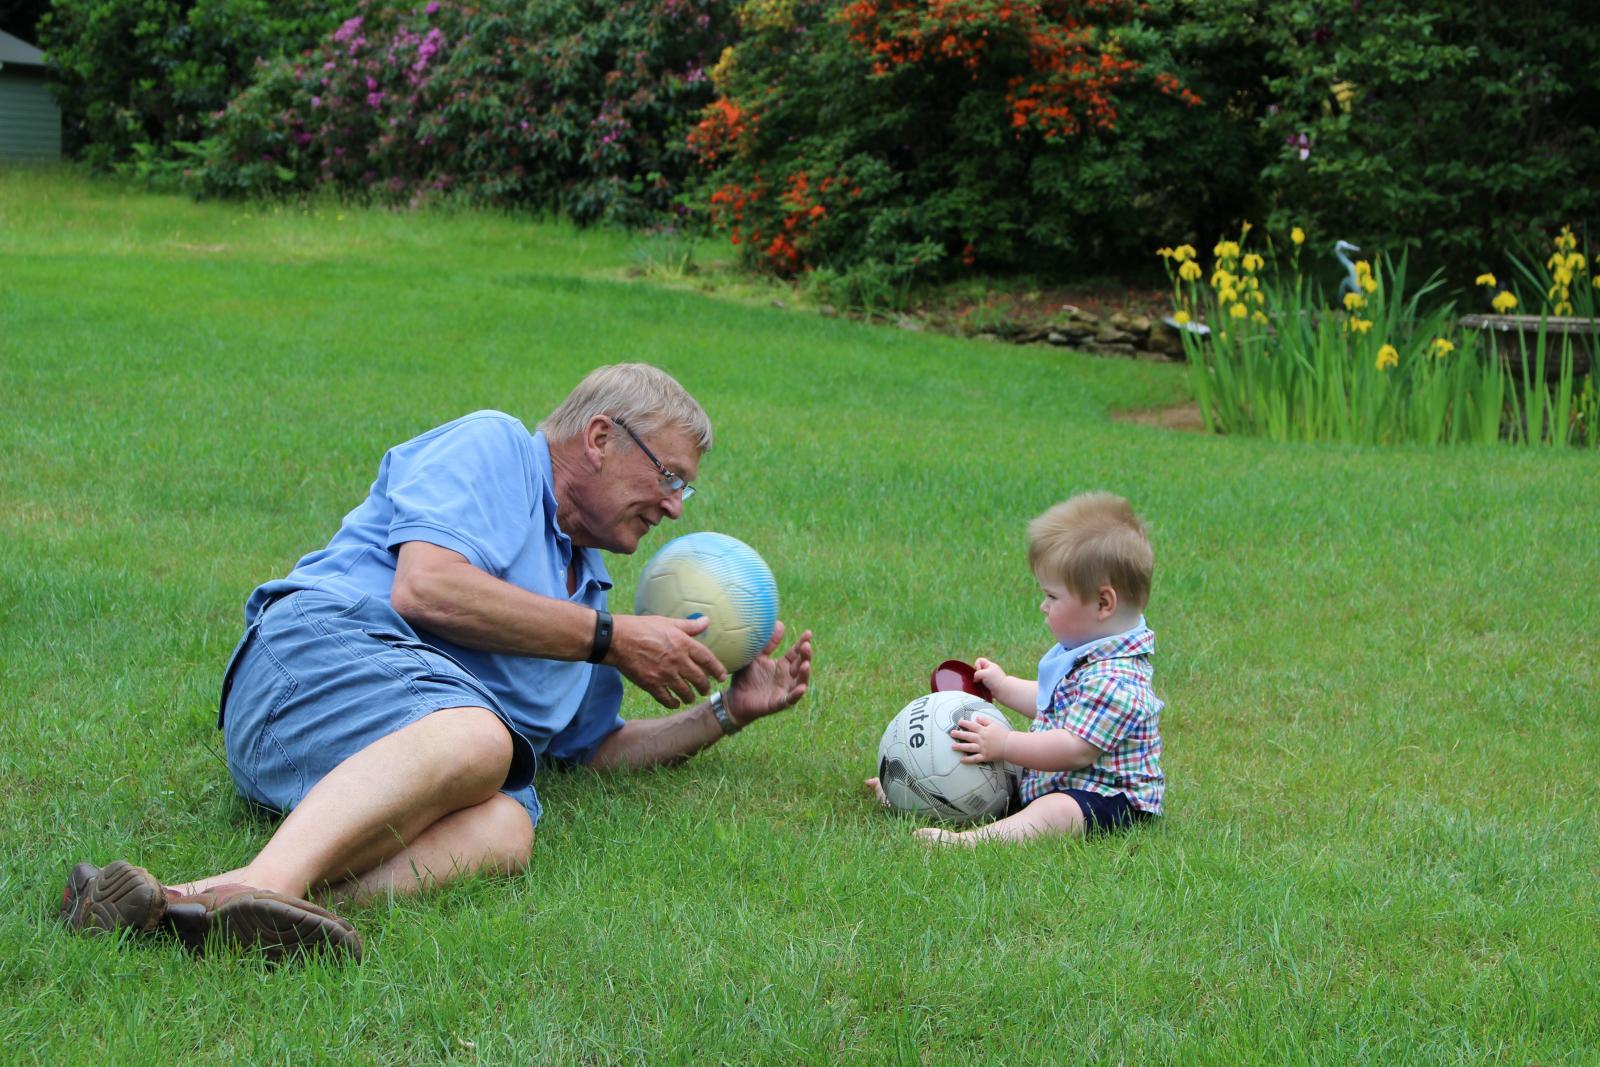 My dad (AKA Grandpa) with Teddy